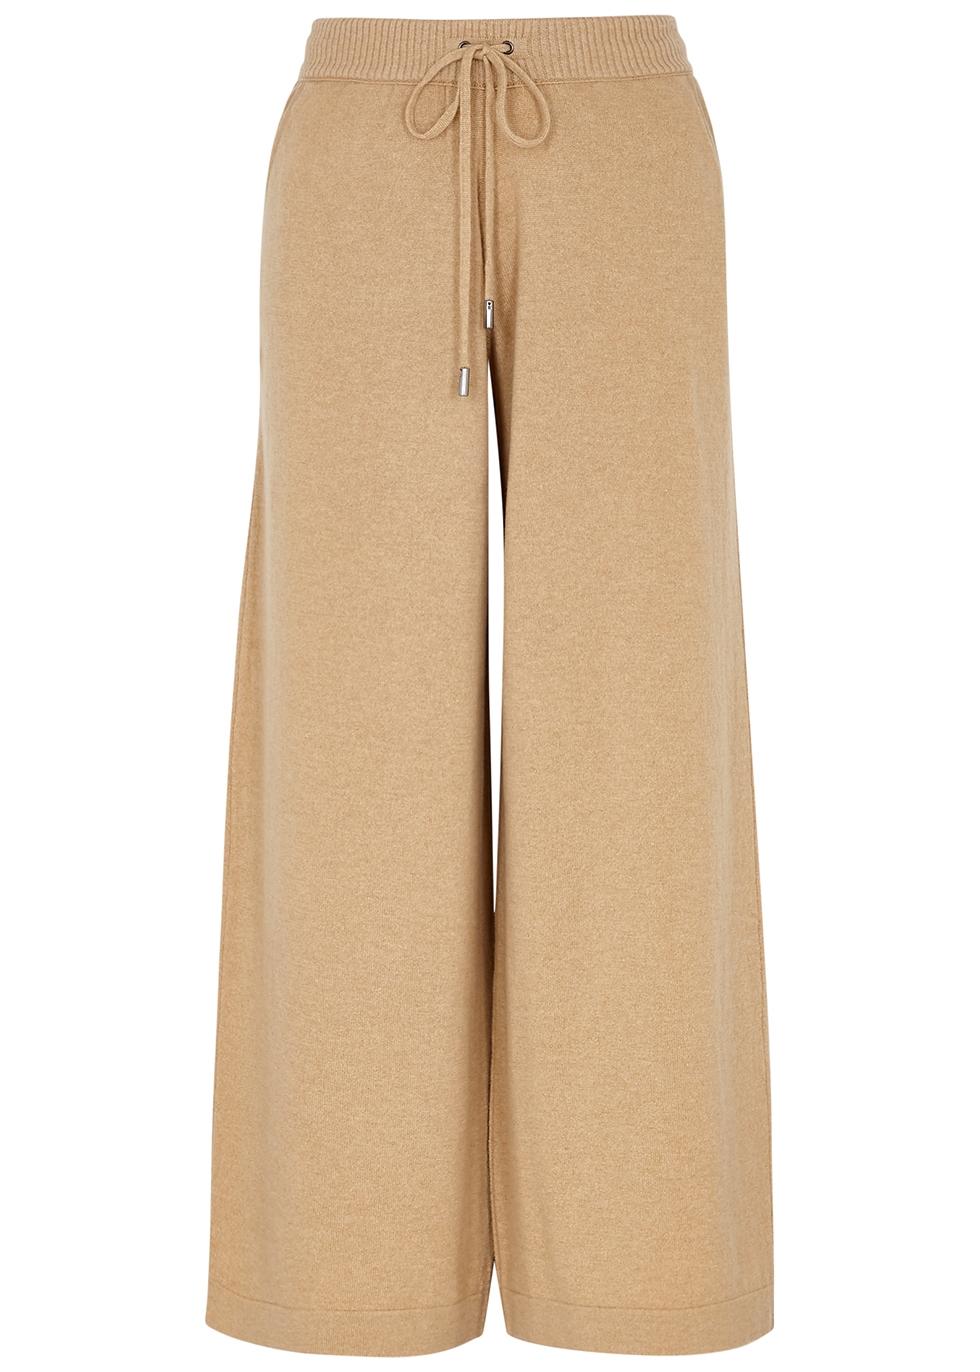 Colette camel cashmere sweatpants